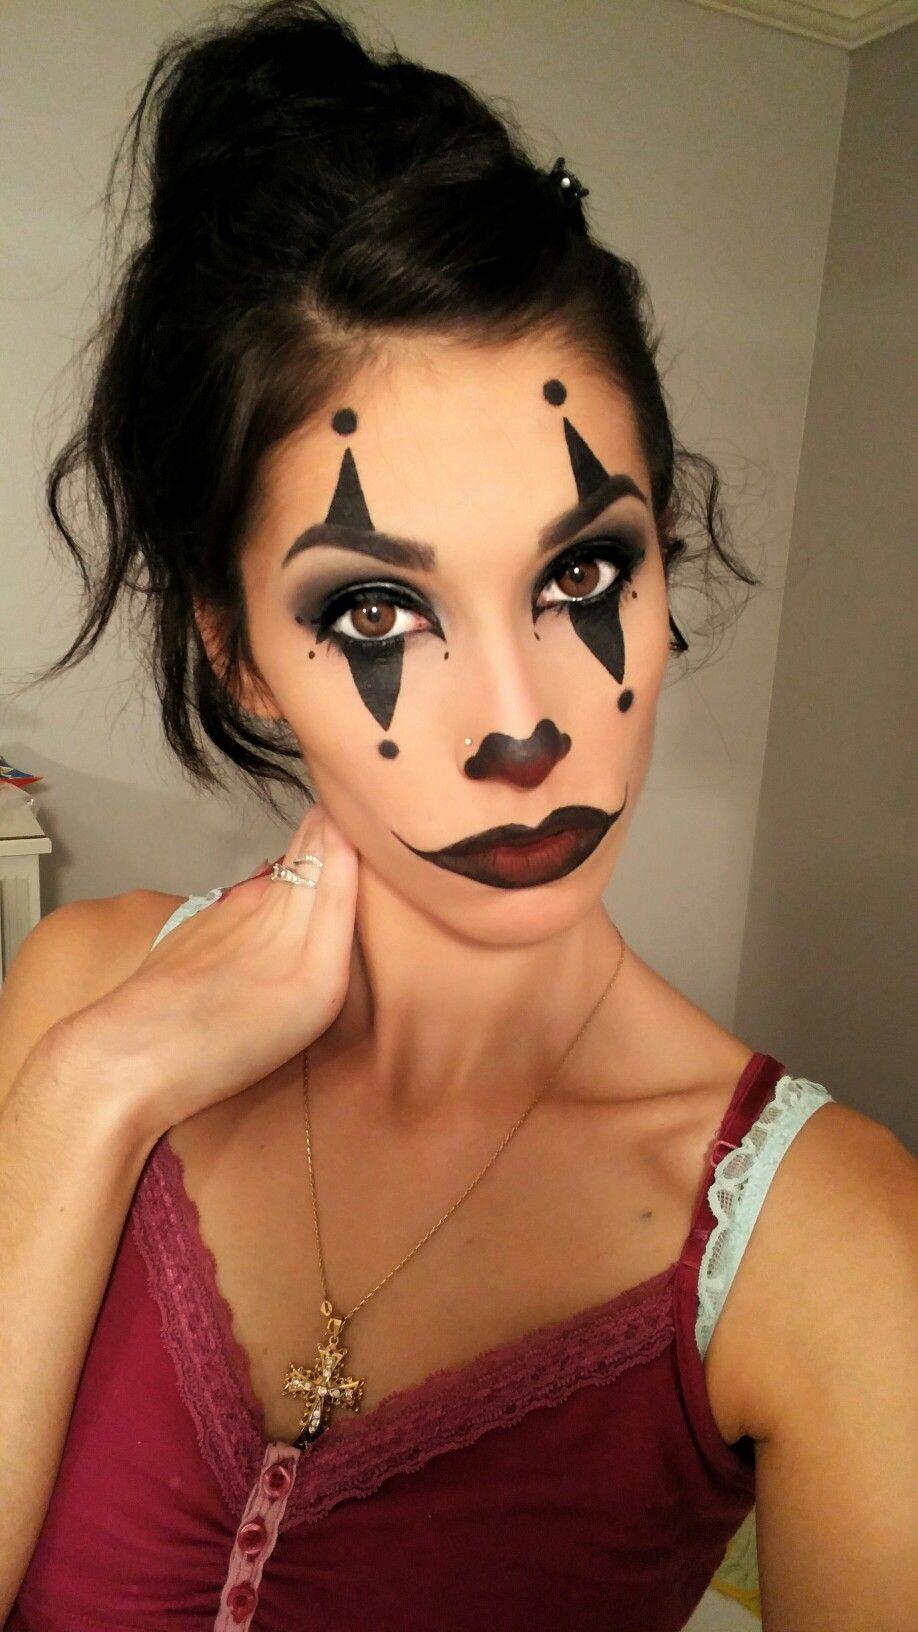 Clown Halloween Makeup Scary Clown Halloween Costume Halloween Costumes Makeup Cute Halloween Makeup